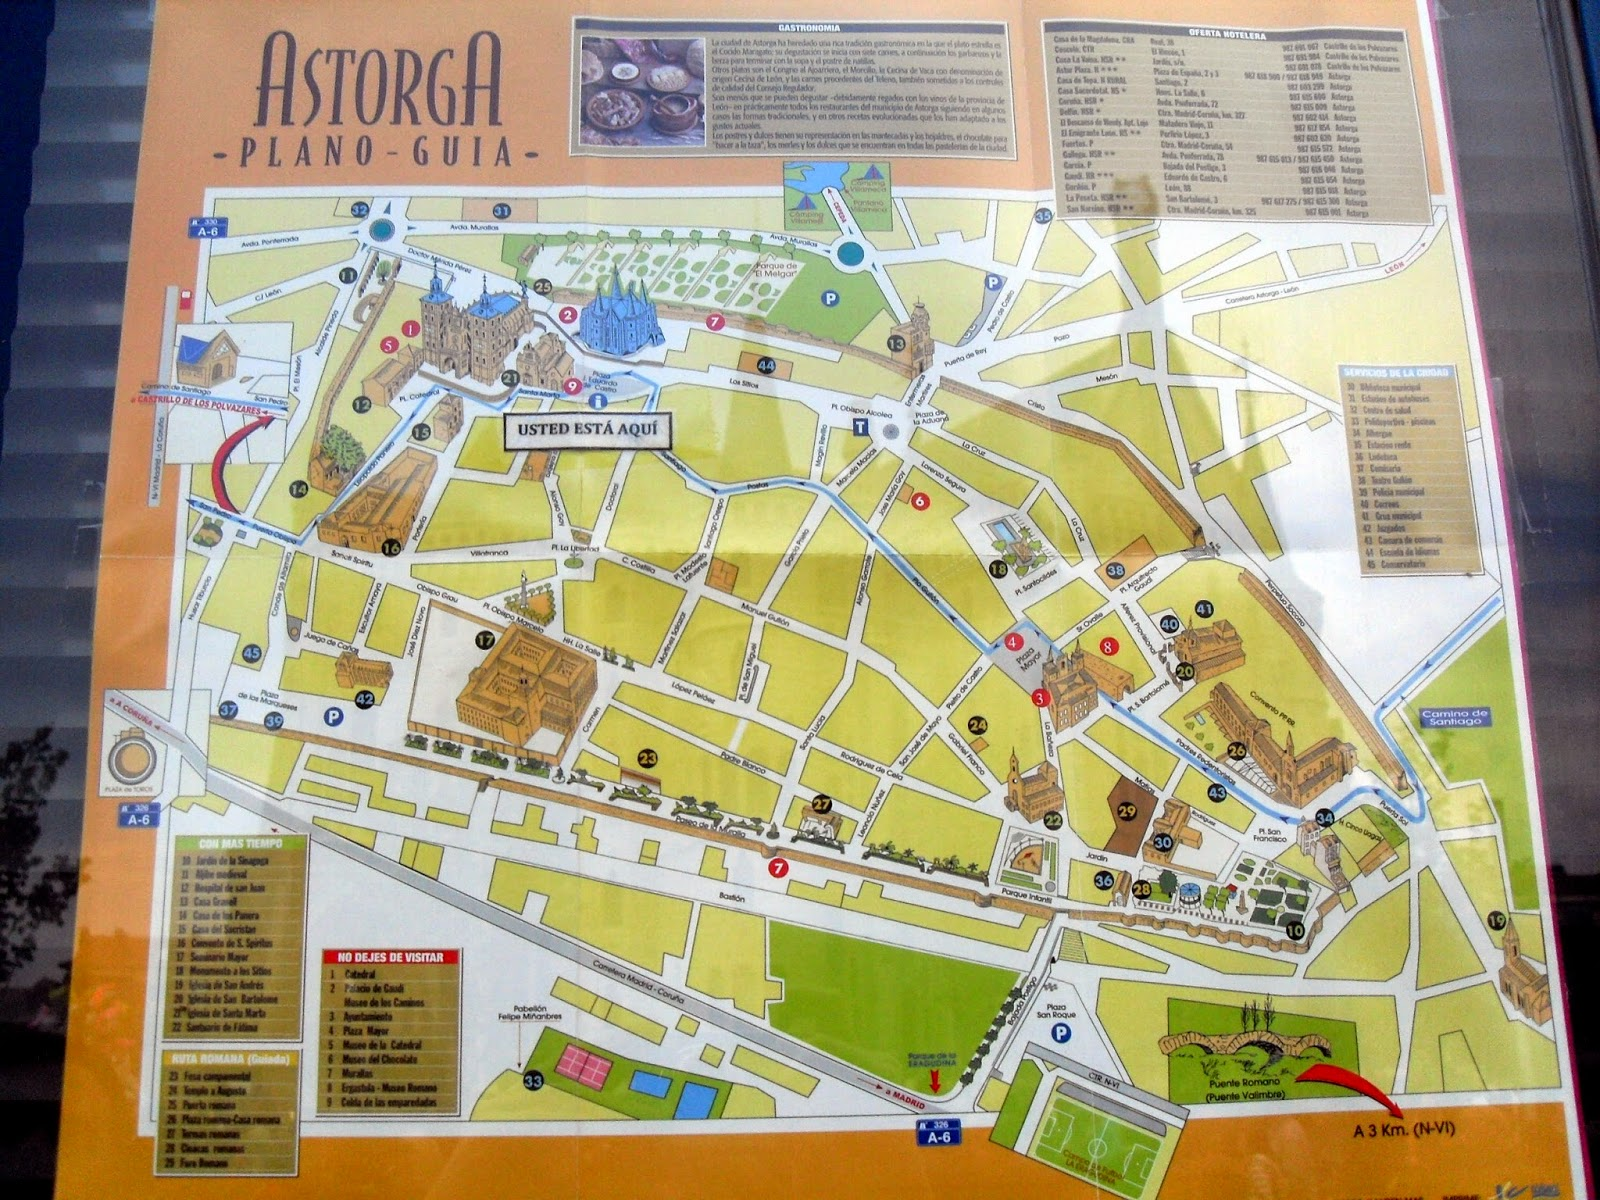 mapa turístico de Astorga